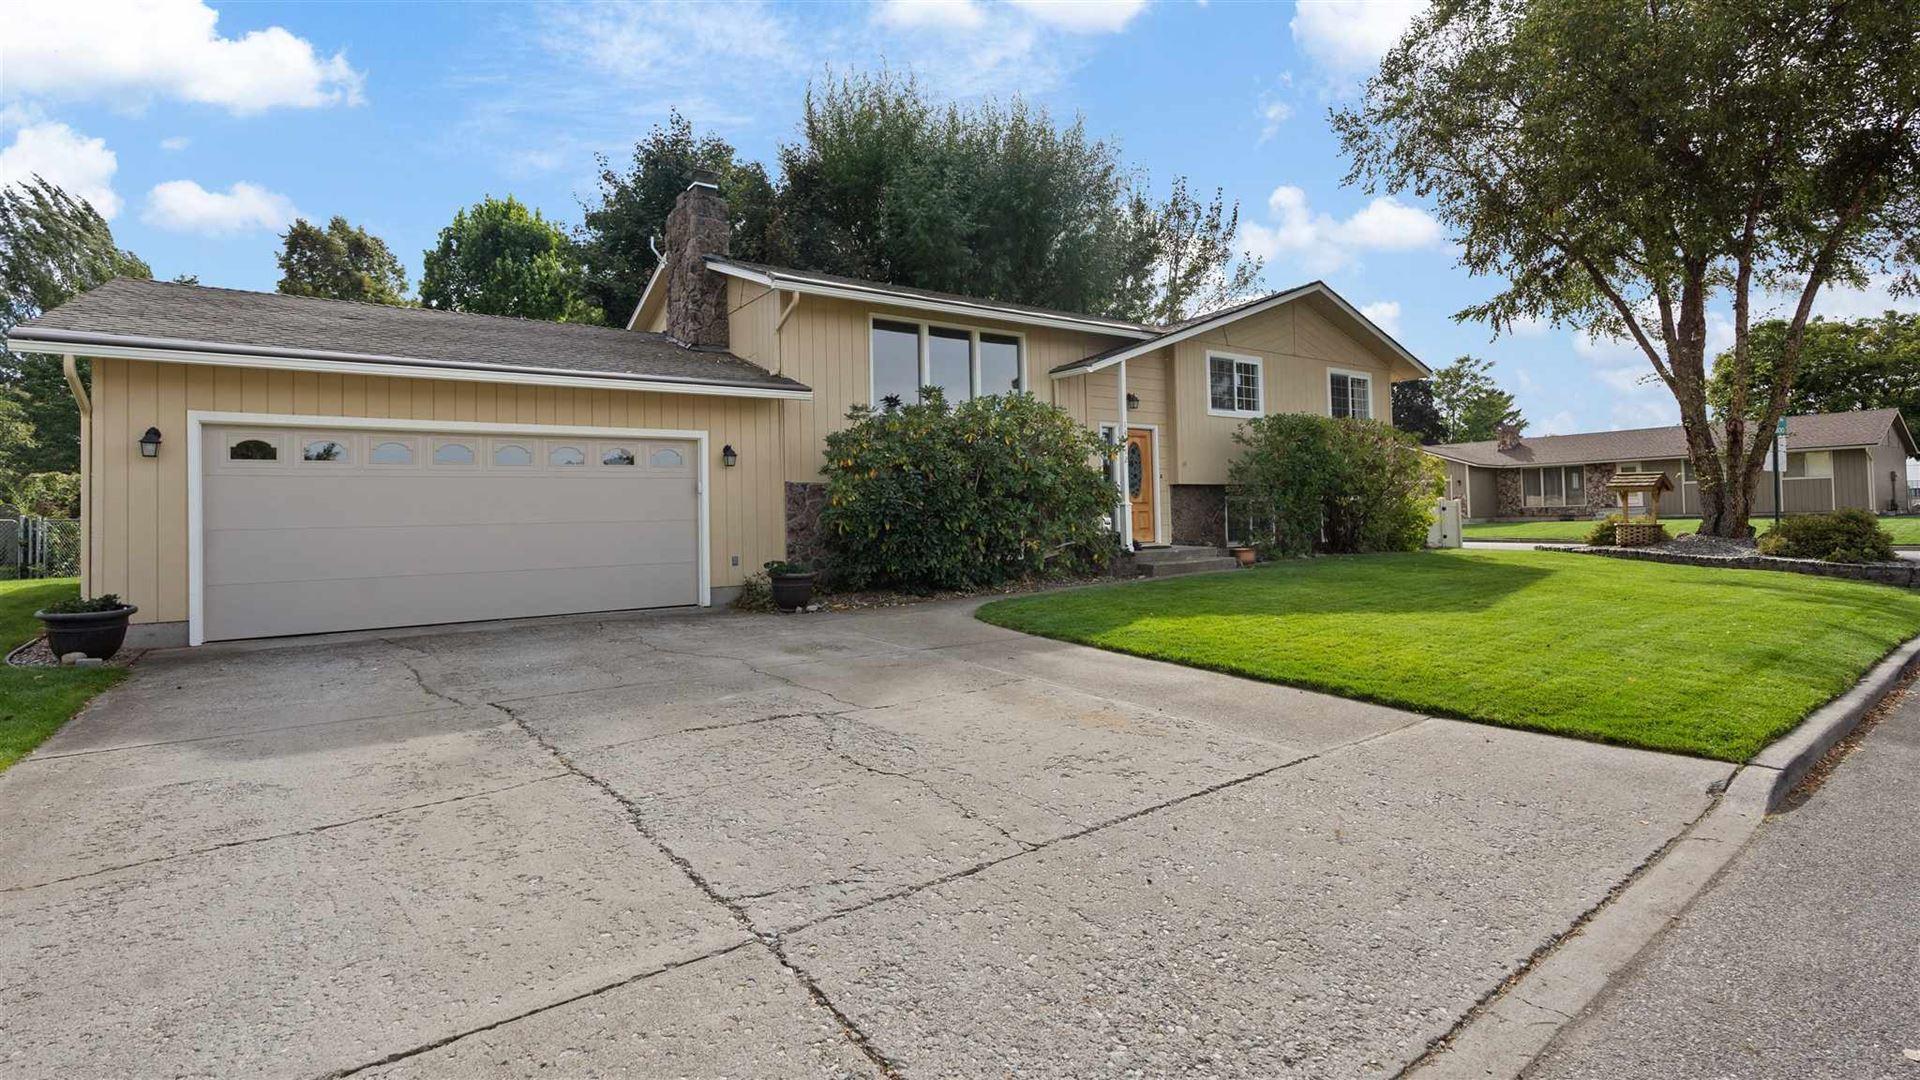 14312 E 7th Ave, Spokane, WA 99216 - #: 202122415